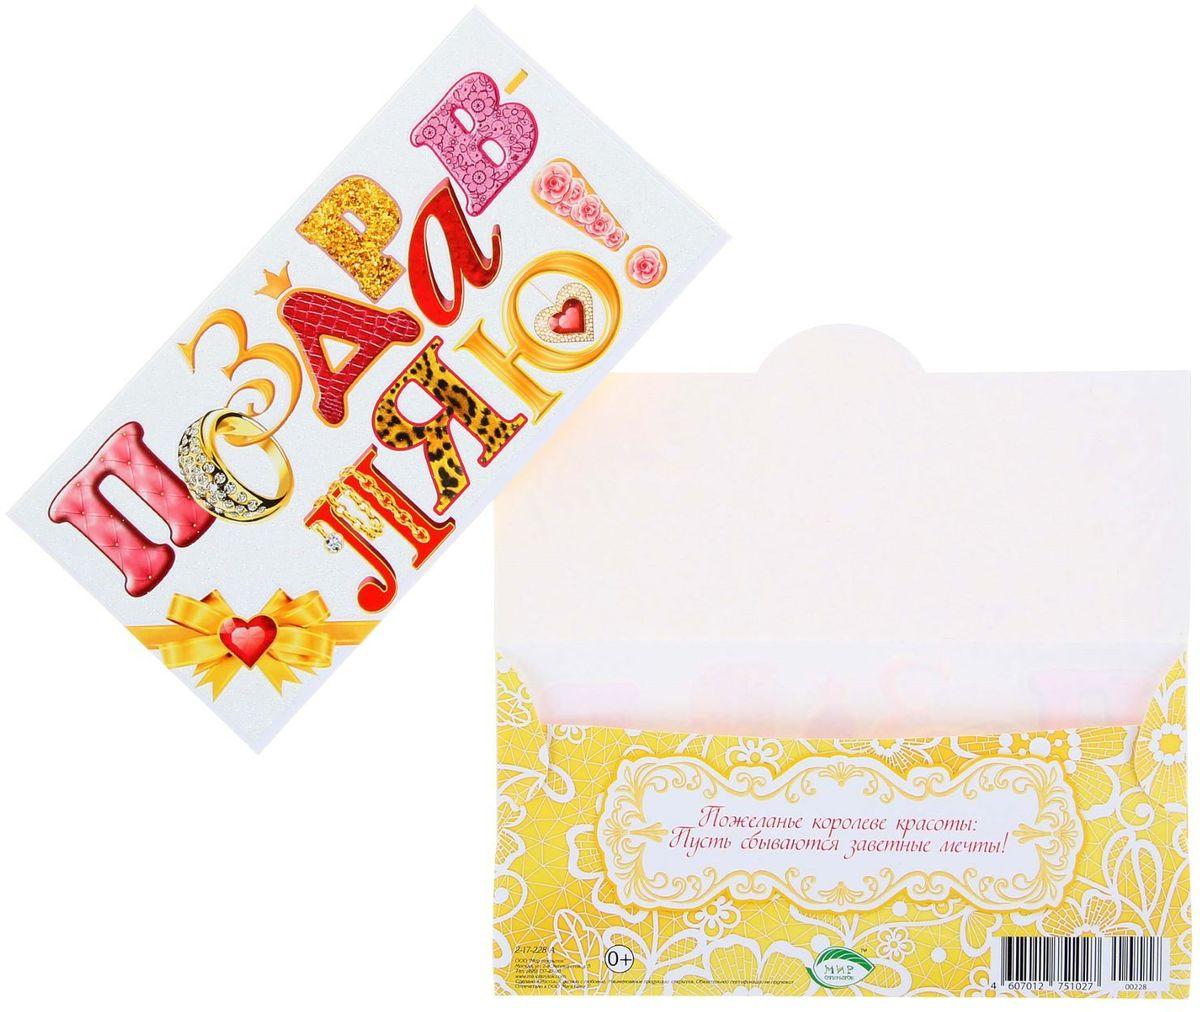 Конверт для денег Мир открыток Подарок!, цвет: розовый1113238_розовыйКонверт для денег Поздравляю! выполнен из плотной бумаги и украшен яркой праздничной картинкой.Это необычная красивая одежка для денежного подарка, а так же отличная возможность сделать его более праздничным и создать прекрасное настроение!Конверт Поздравляю! - идеальное решение, если вы хотите подарить деньги.